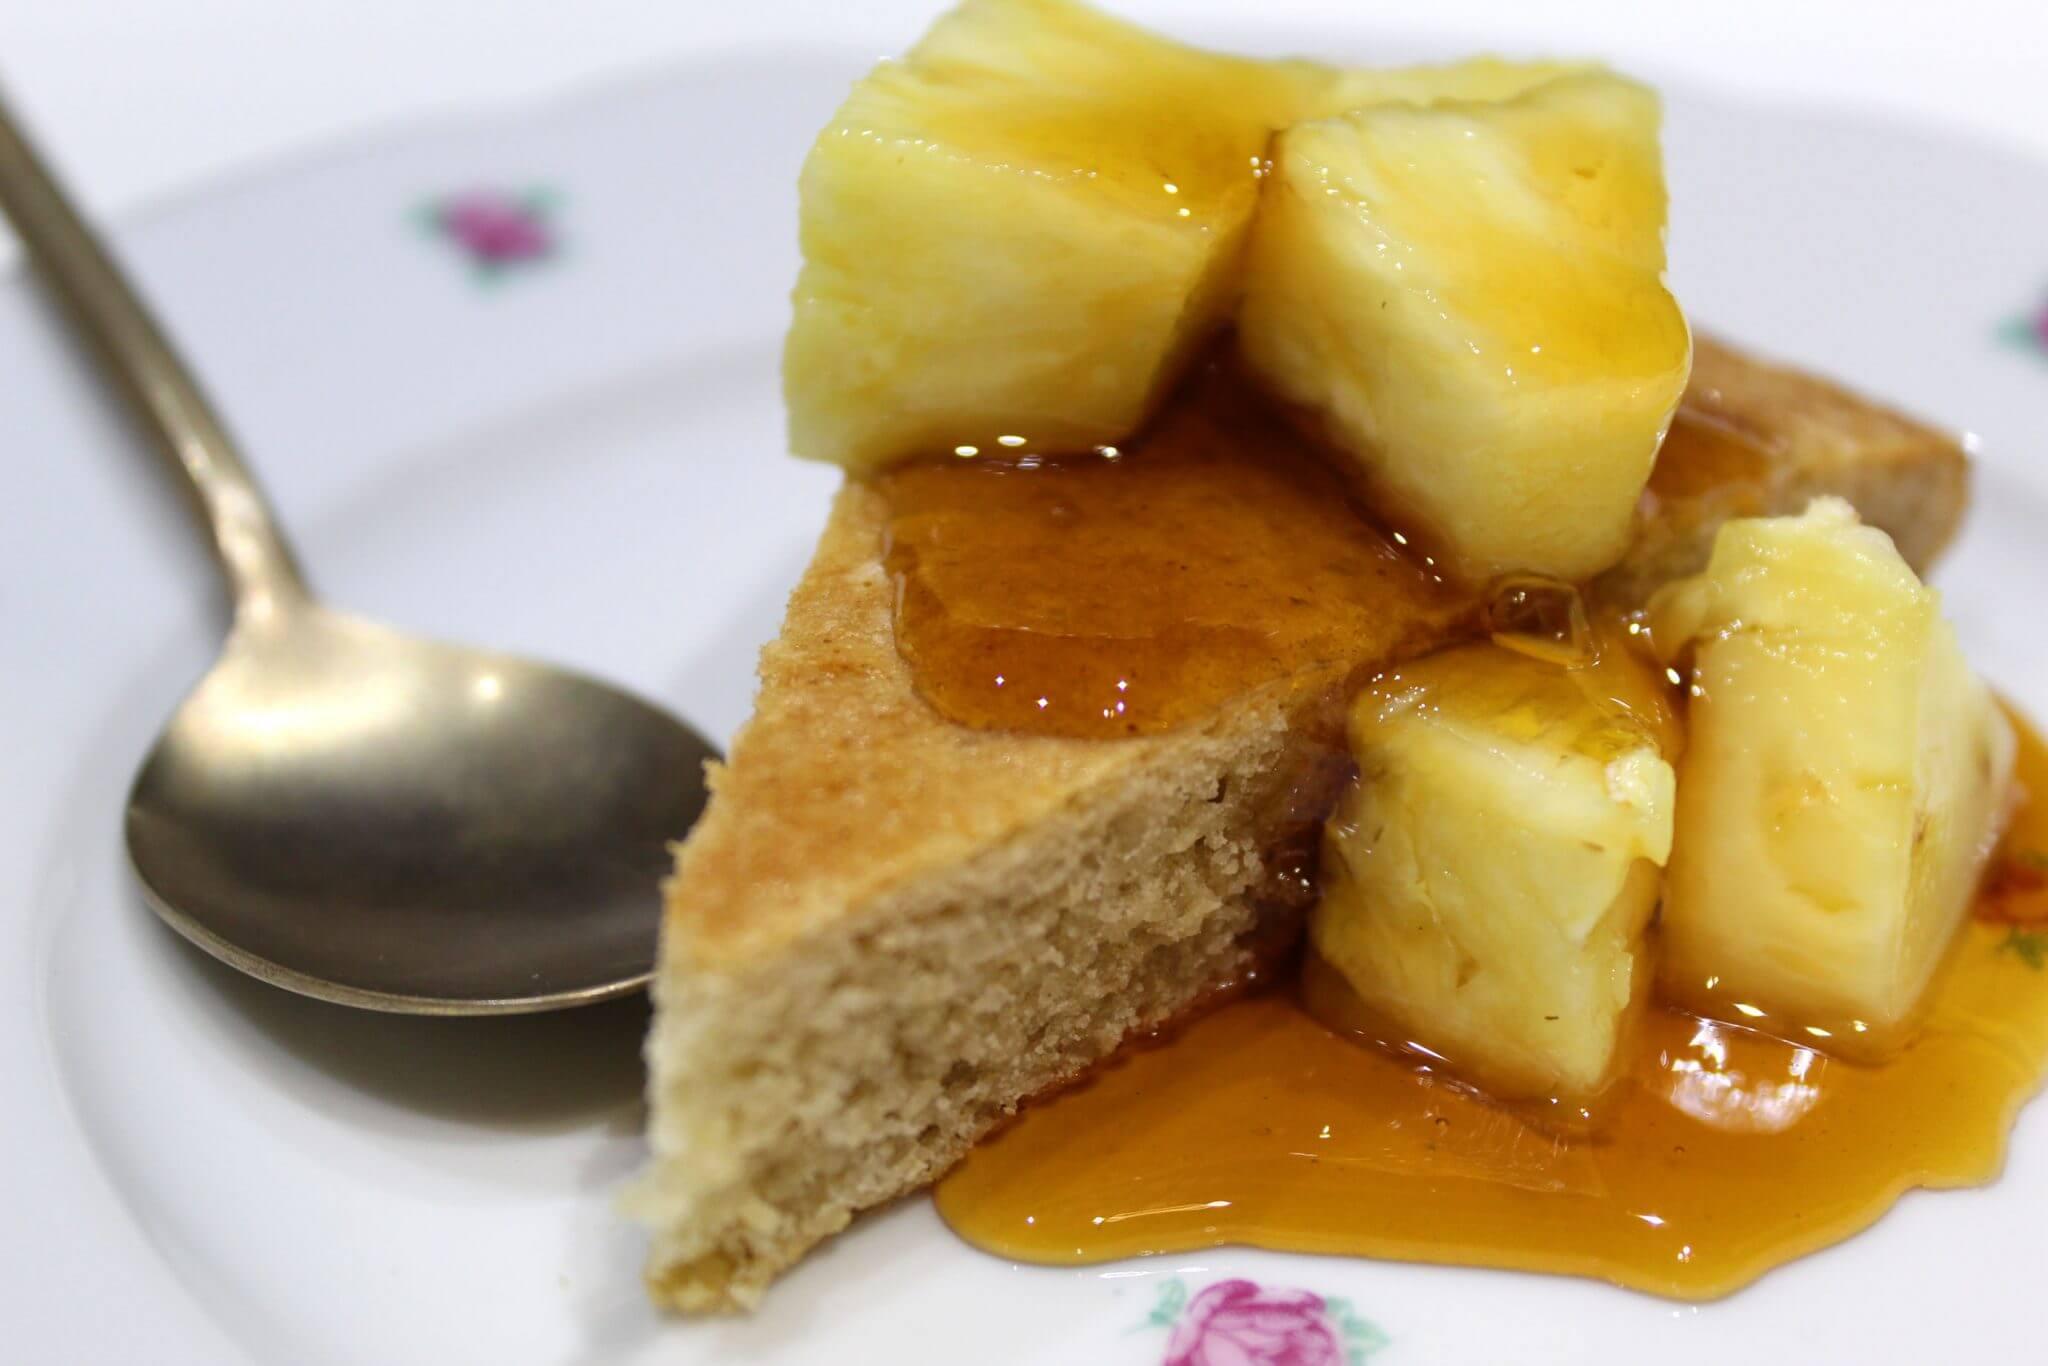 Amandelkoek met karamel en ananas.jpg